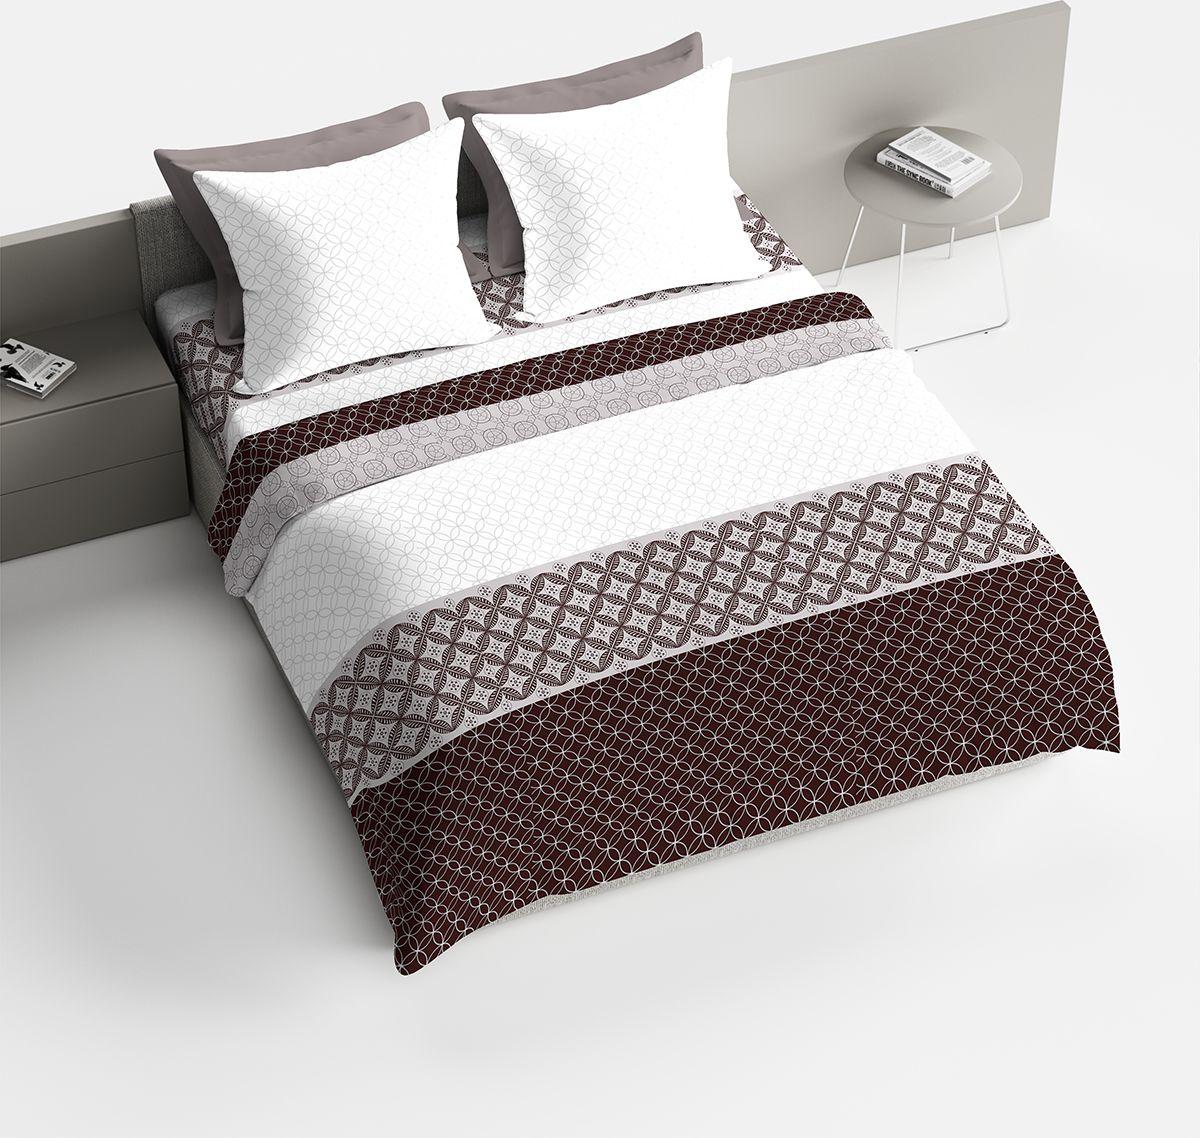 Комплект белья Браво Мокко, 2-х спальное, наволочки 70x70, цвет: коричневый. 4077-187742